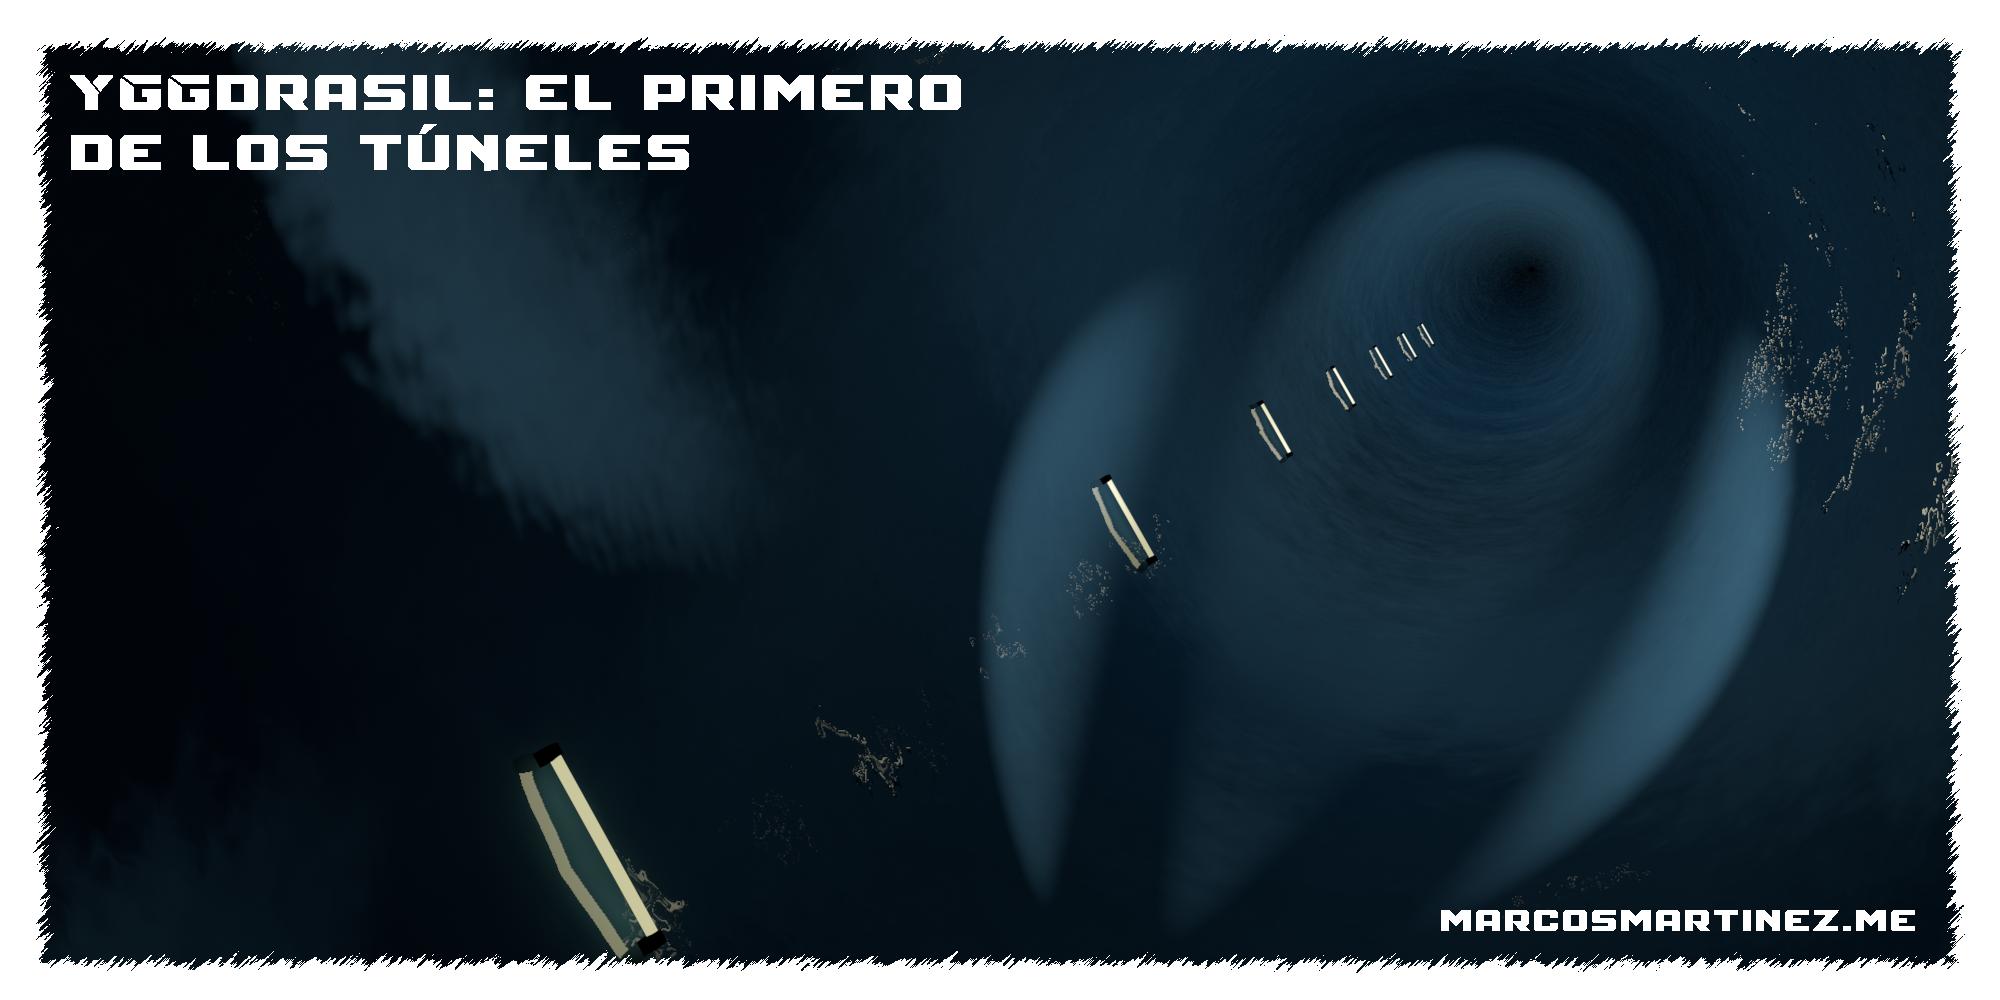 Yggdrasil: el primero de los túneles